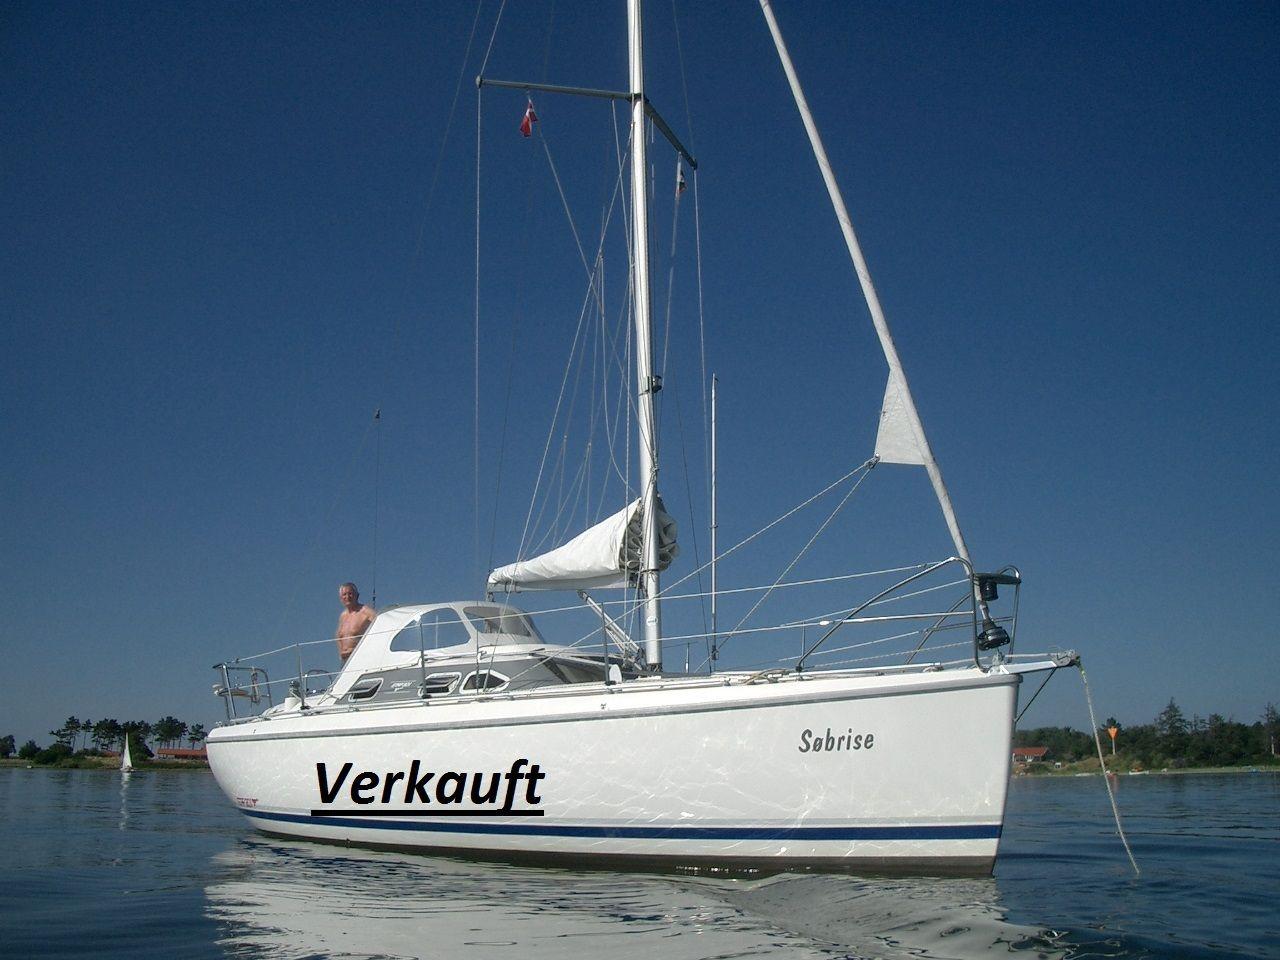 Etap Etap 30iGebrauchtboote Gesucht